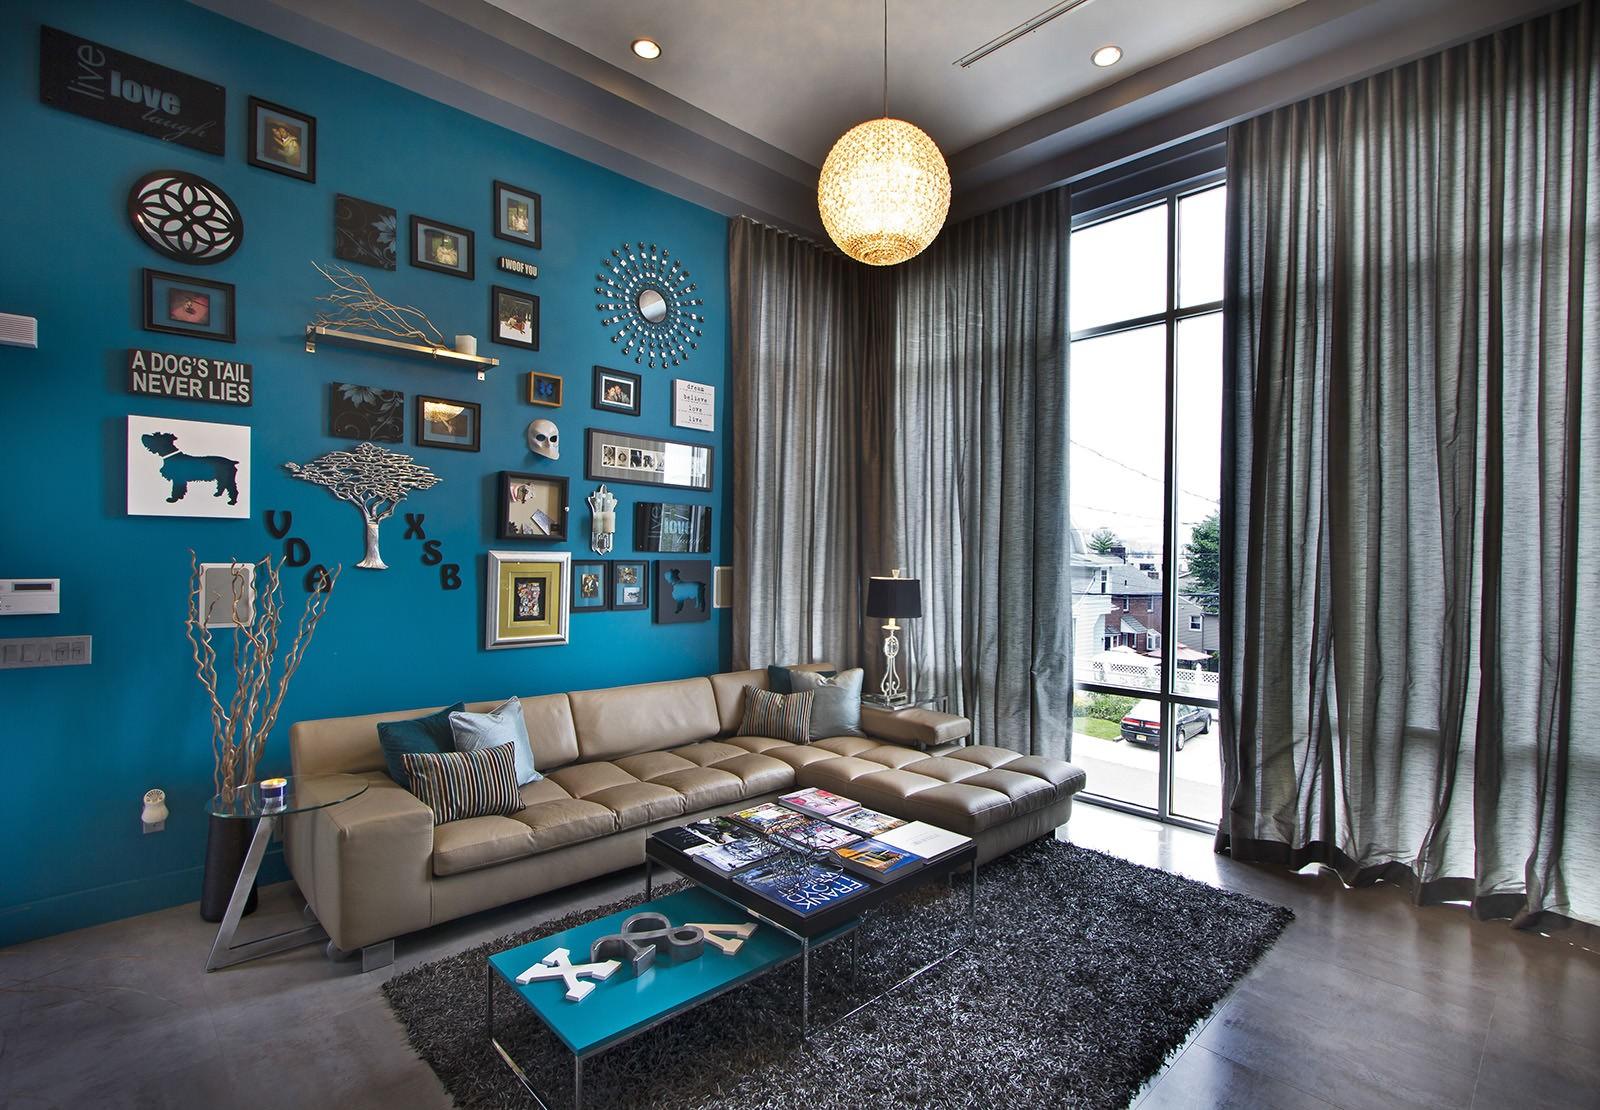 гостиная комната в голубых тонах лофт